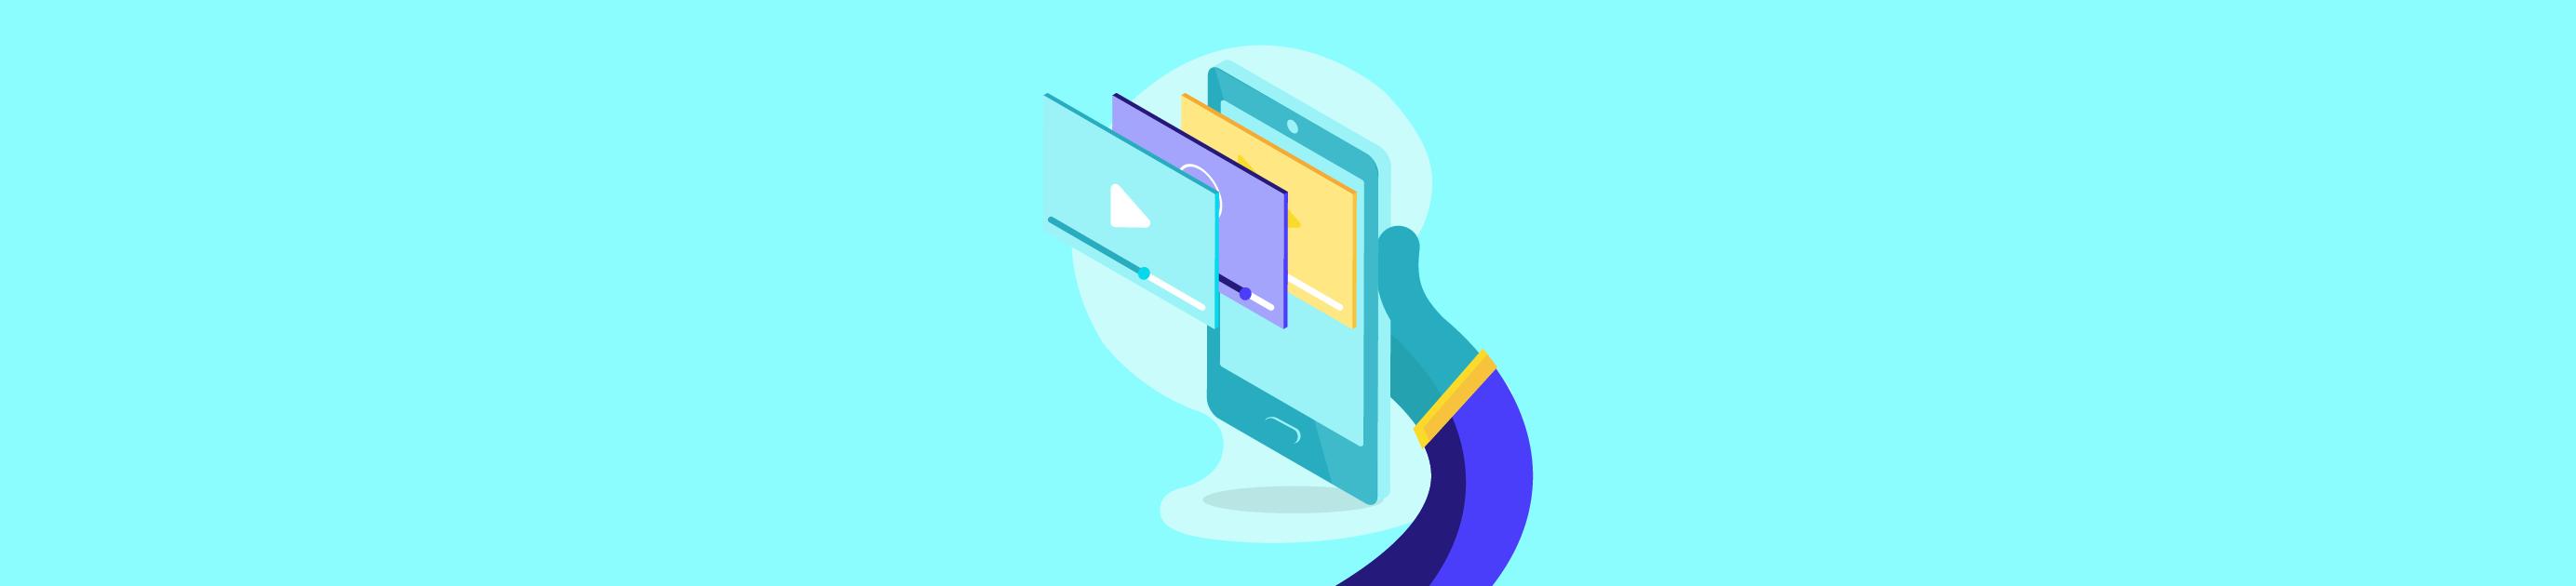 samba tech videos personalizados